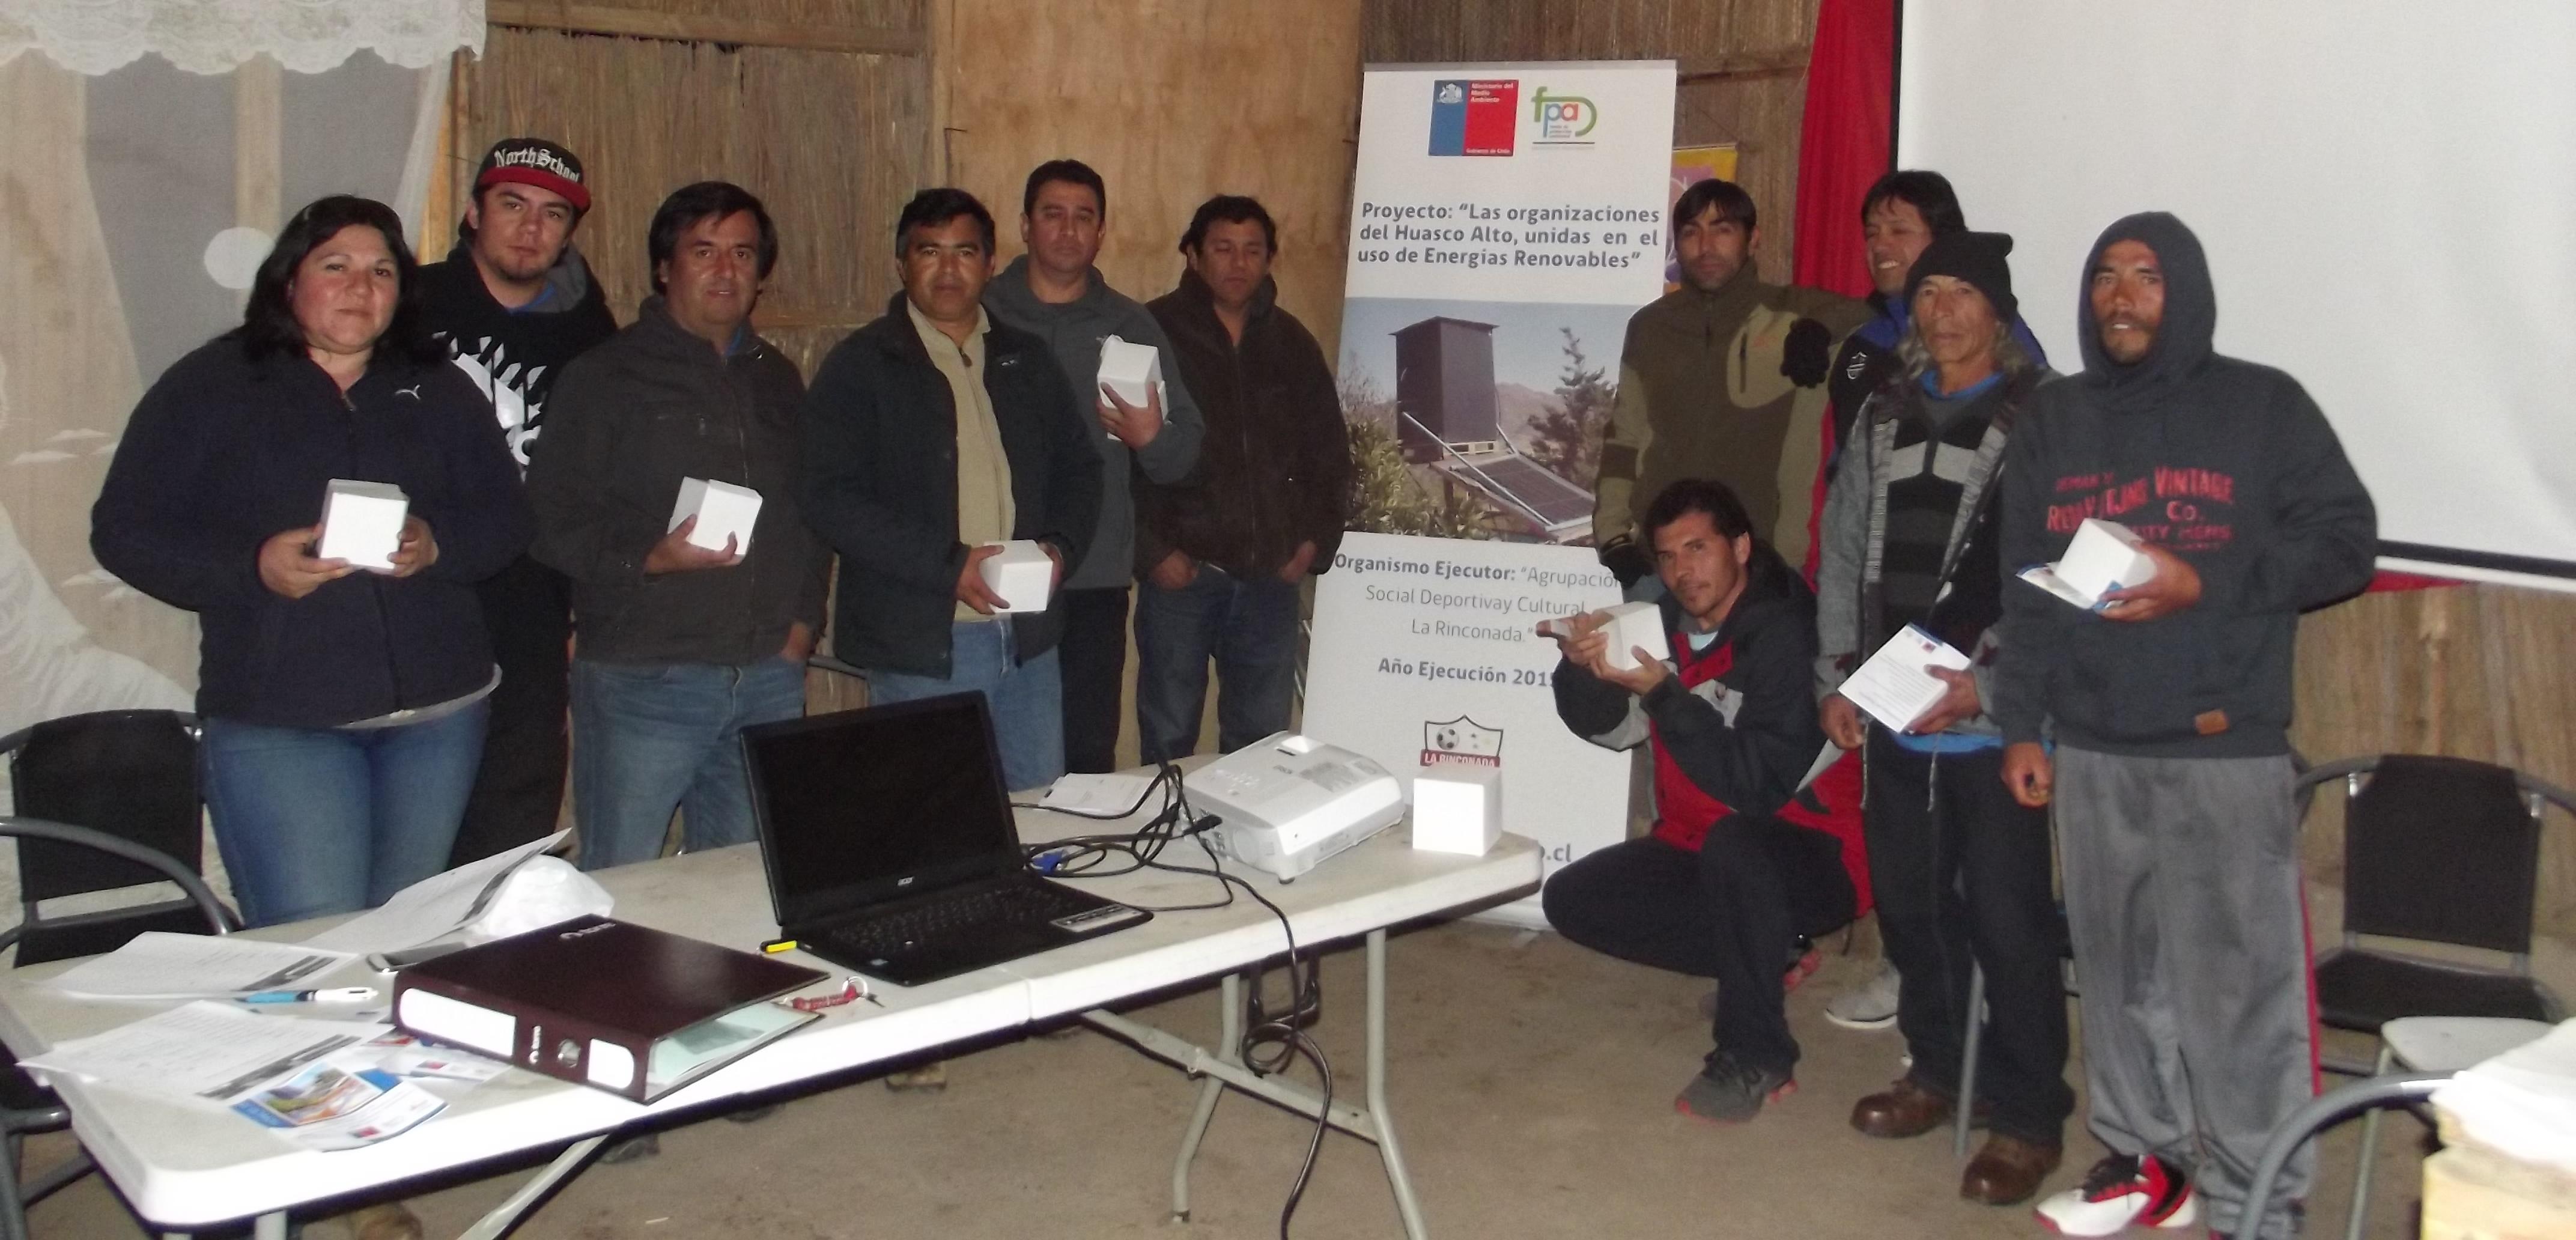 Altinos dan comienzo a proyecto de Duchas y Hornos Solares